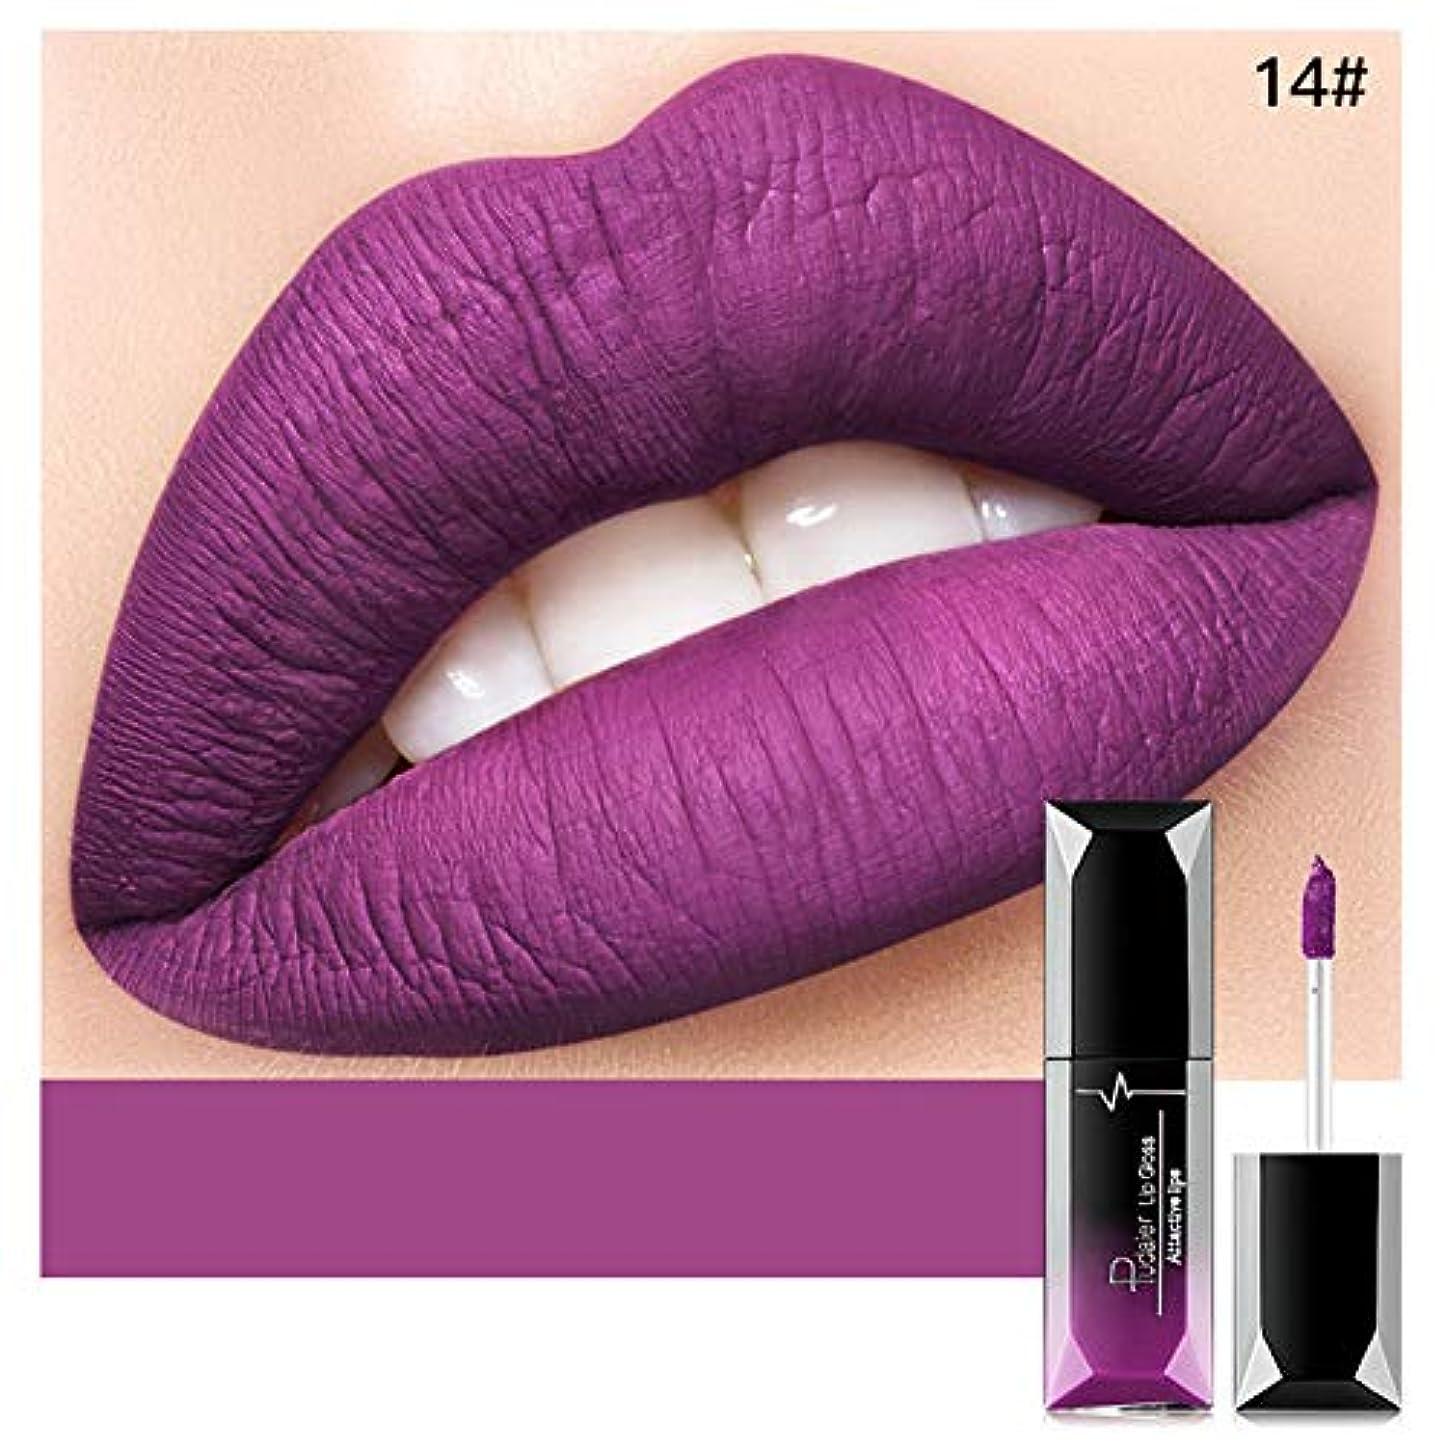 を除く道に迷いました意味ACHICOO リップスティック 21色 ビロード なめなし 防水 液体 口紅 ラスティング 唇 メイクアップ ファッション 女性 セクシー 14#